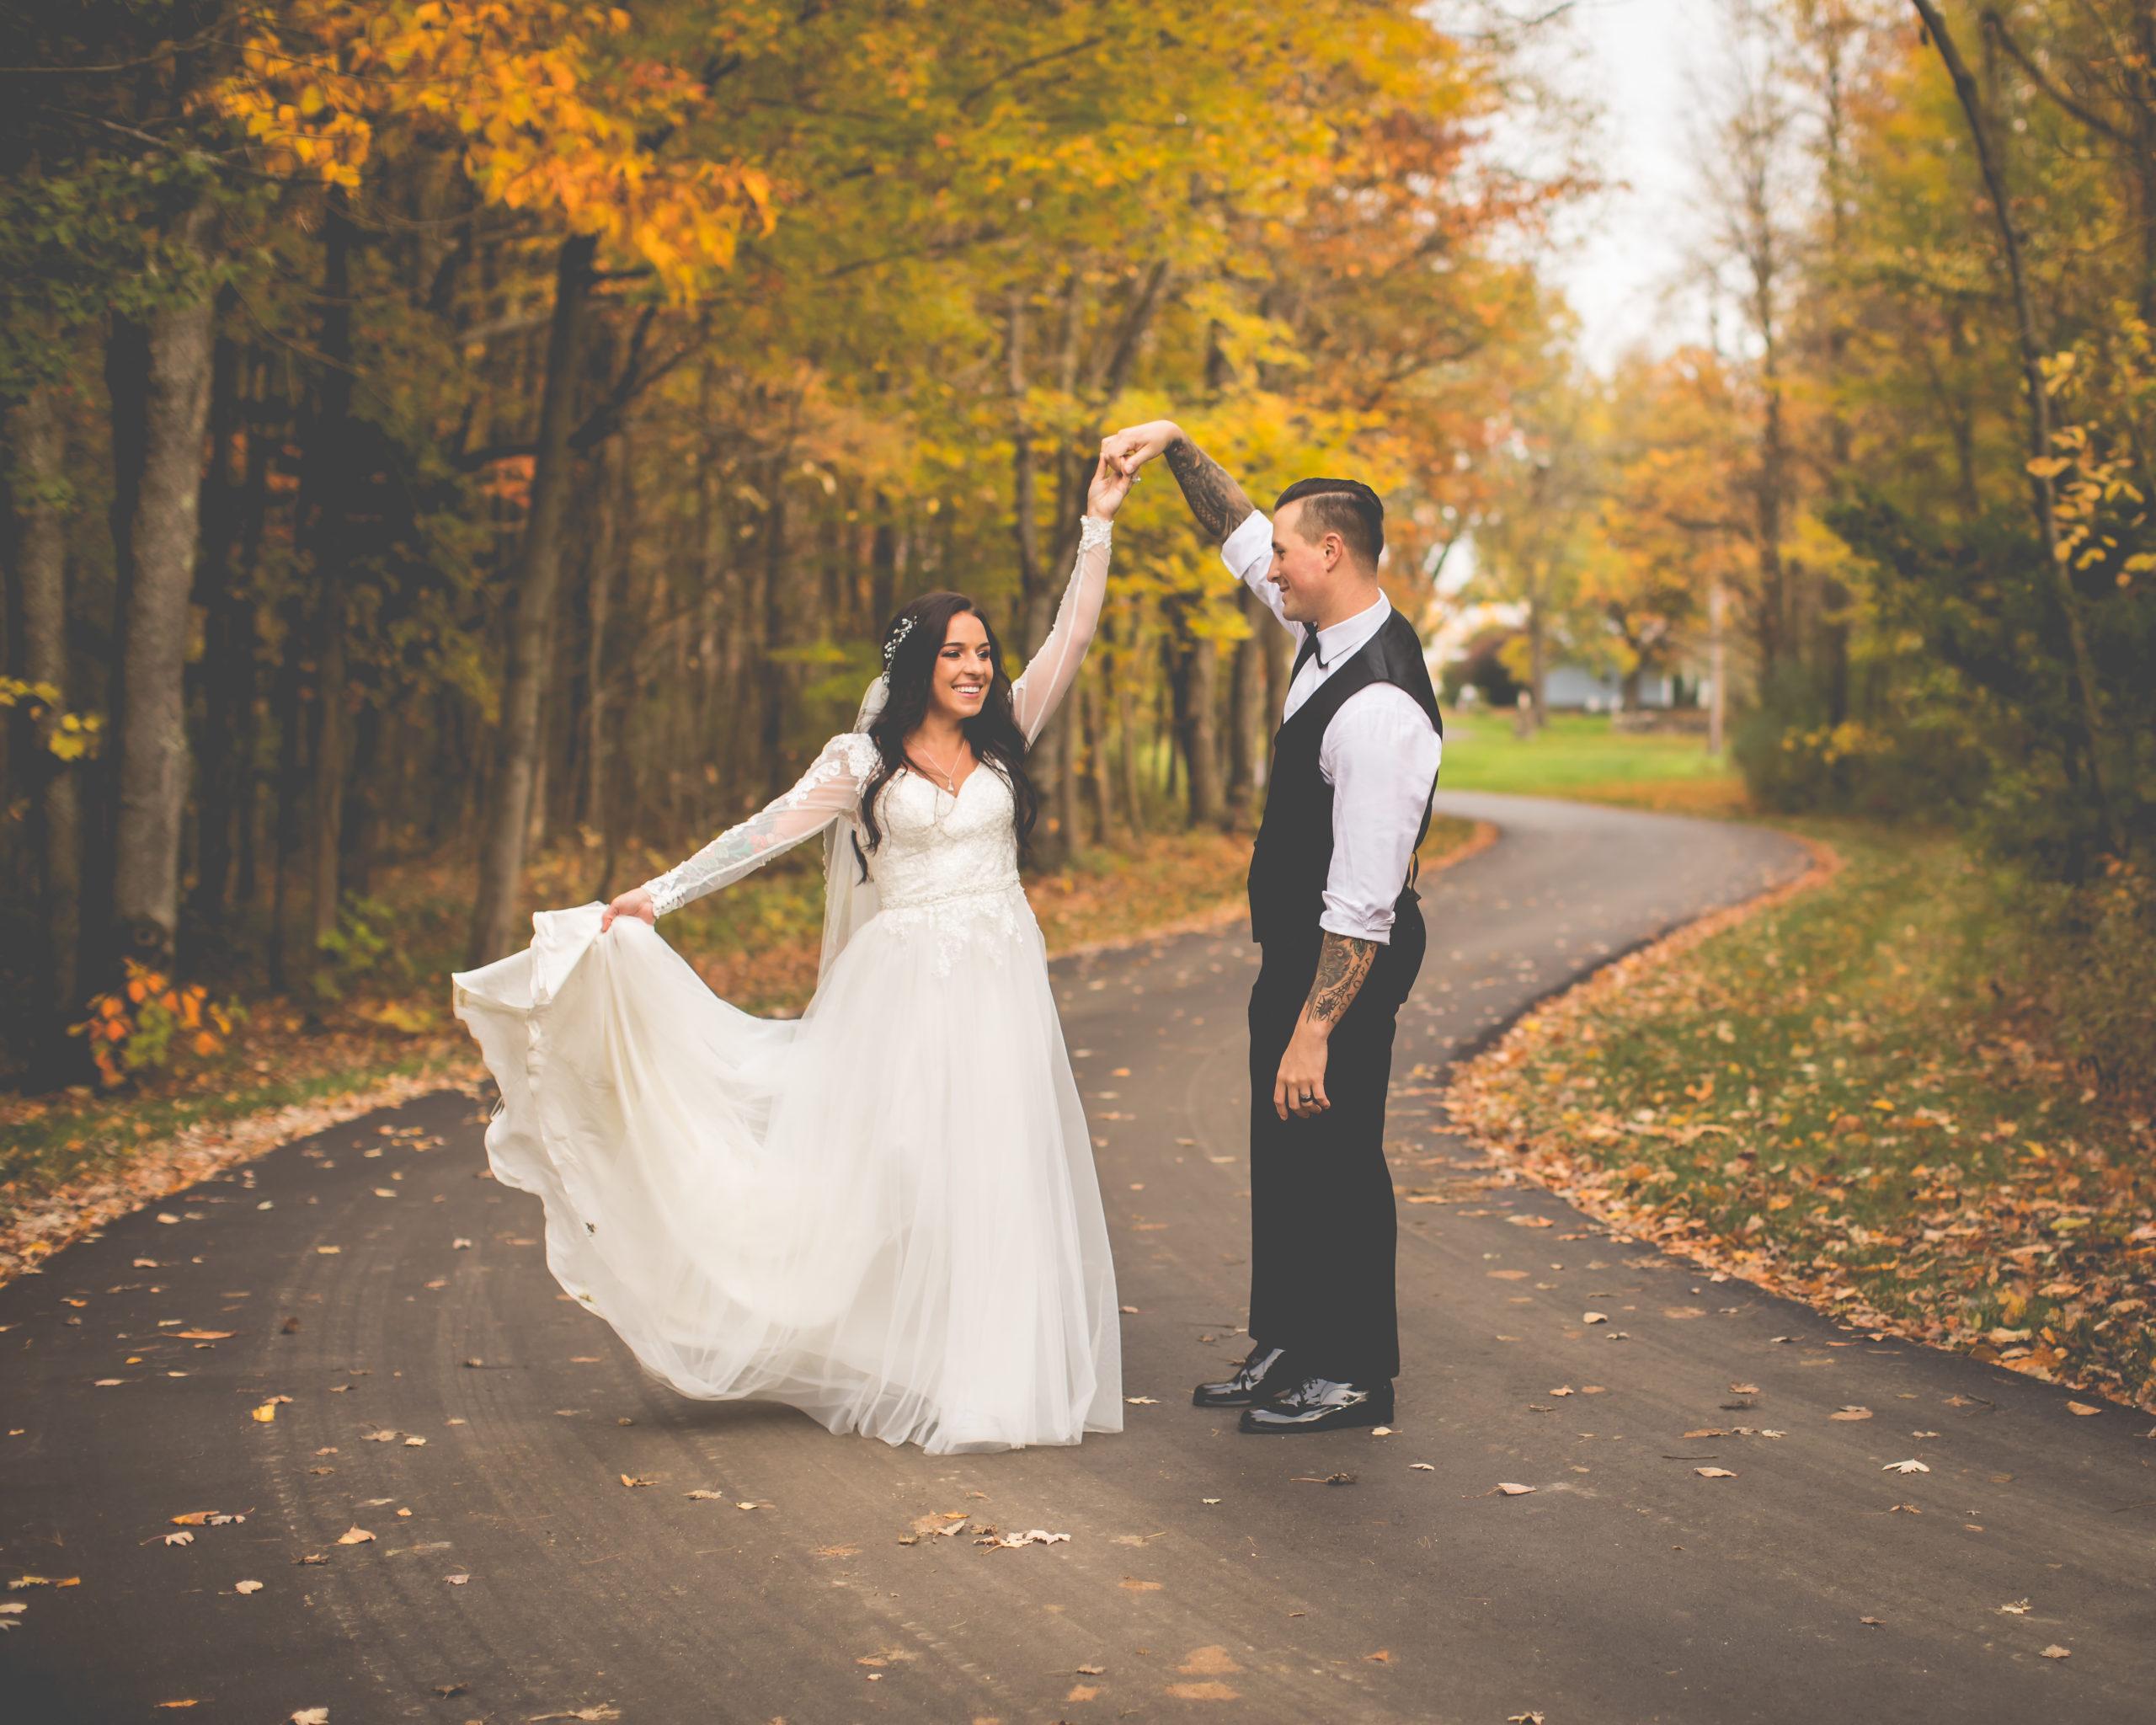 Wedding couple dancing on pathway